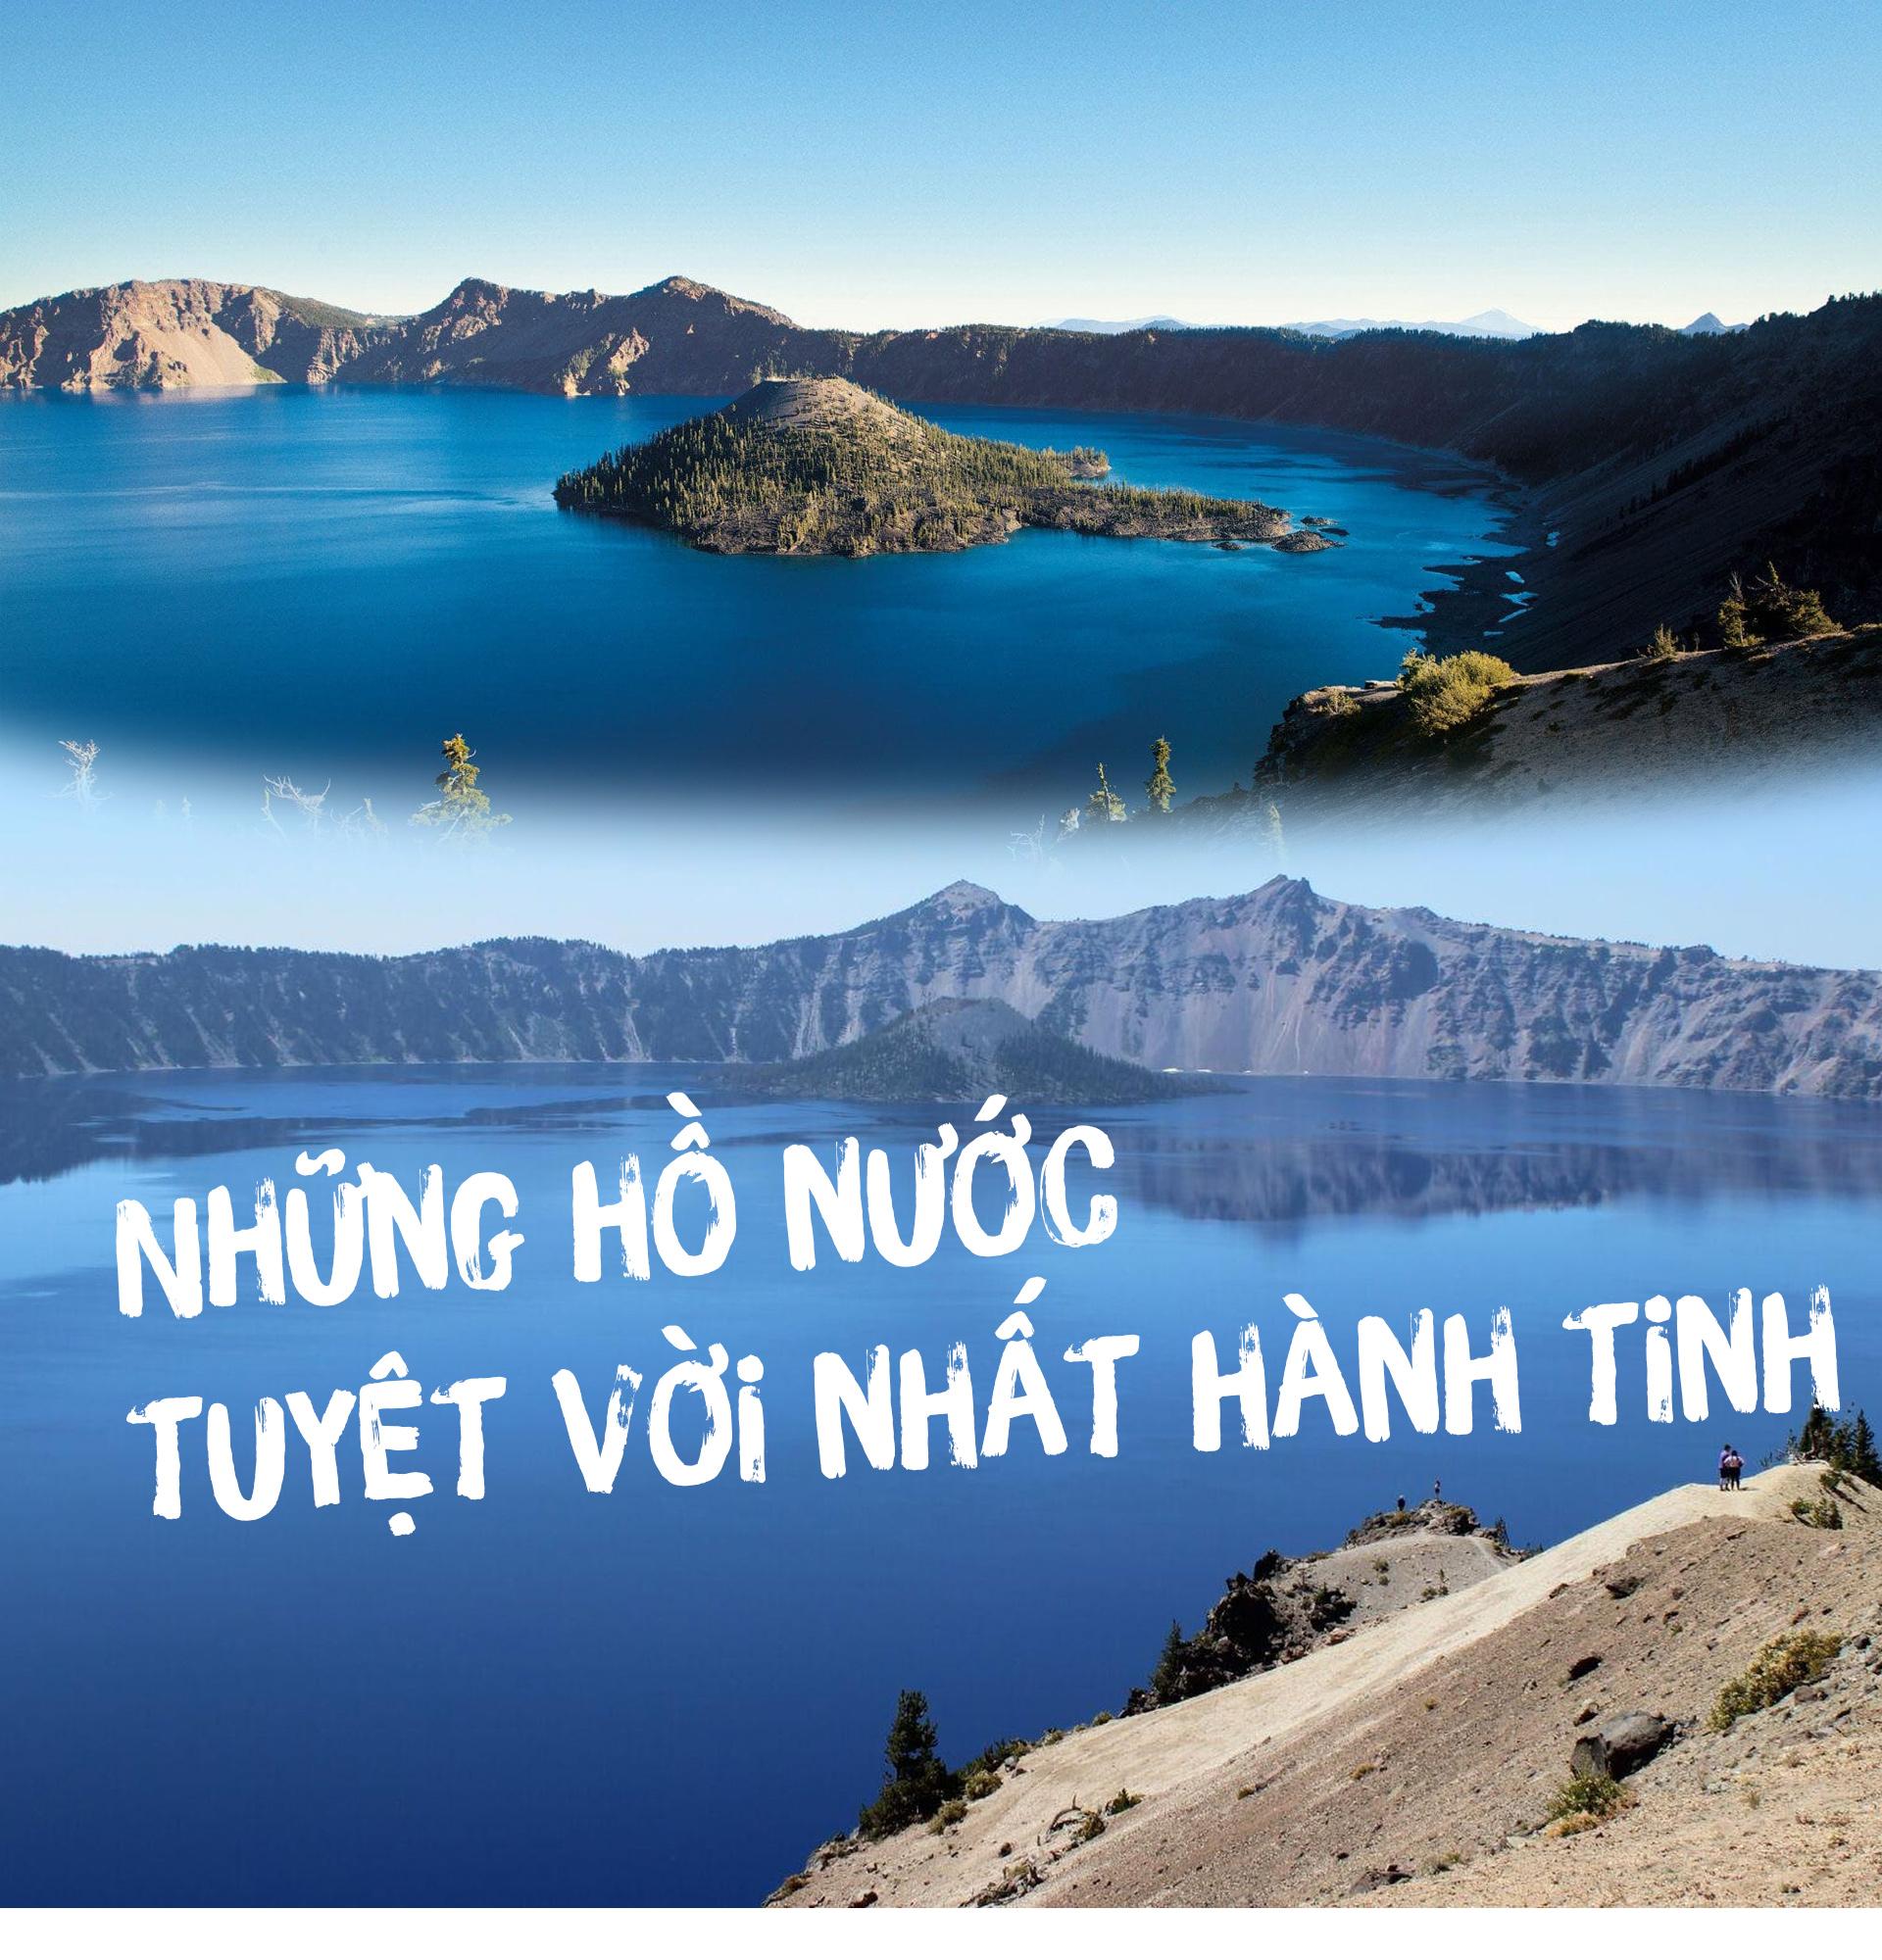 Những hồ nước tuyệt vời nhất hành tinh - 1